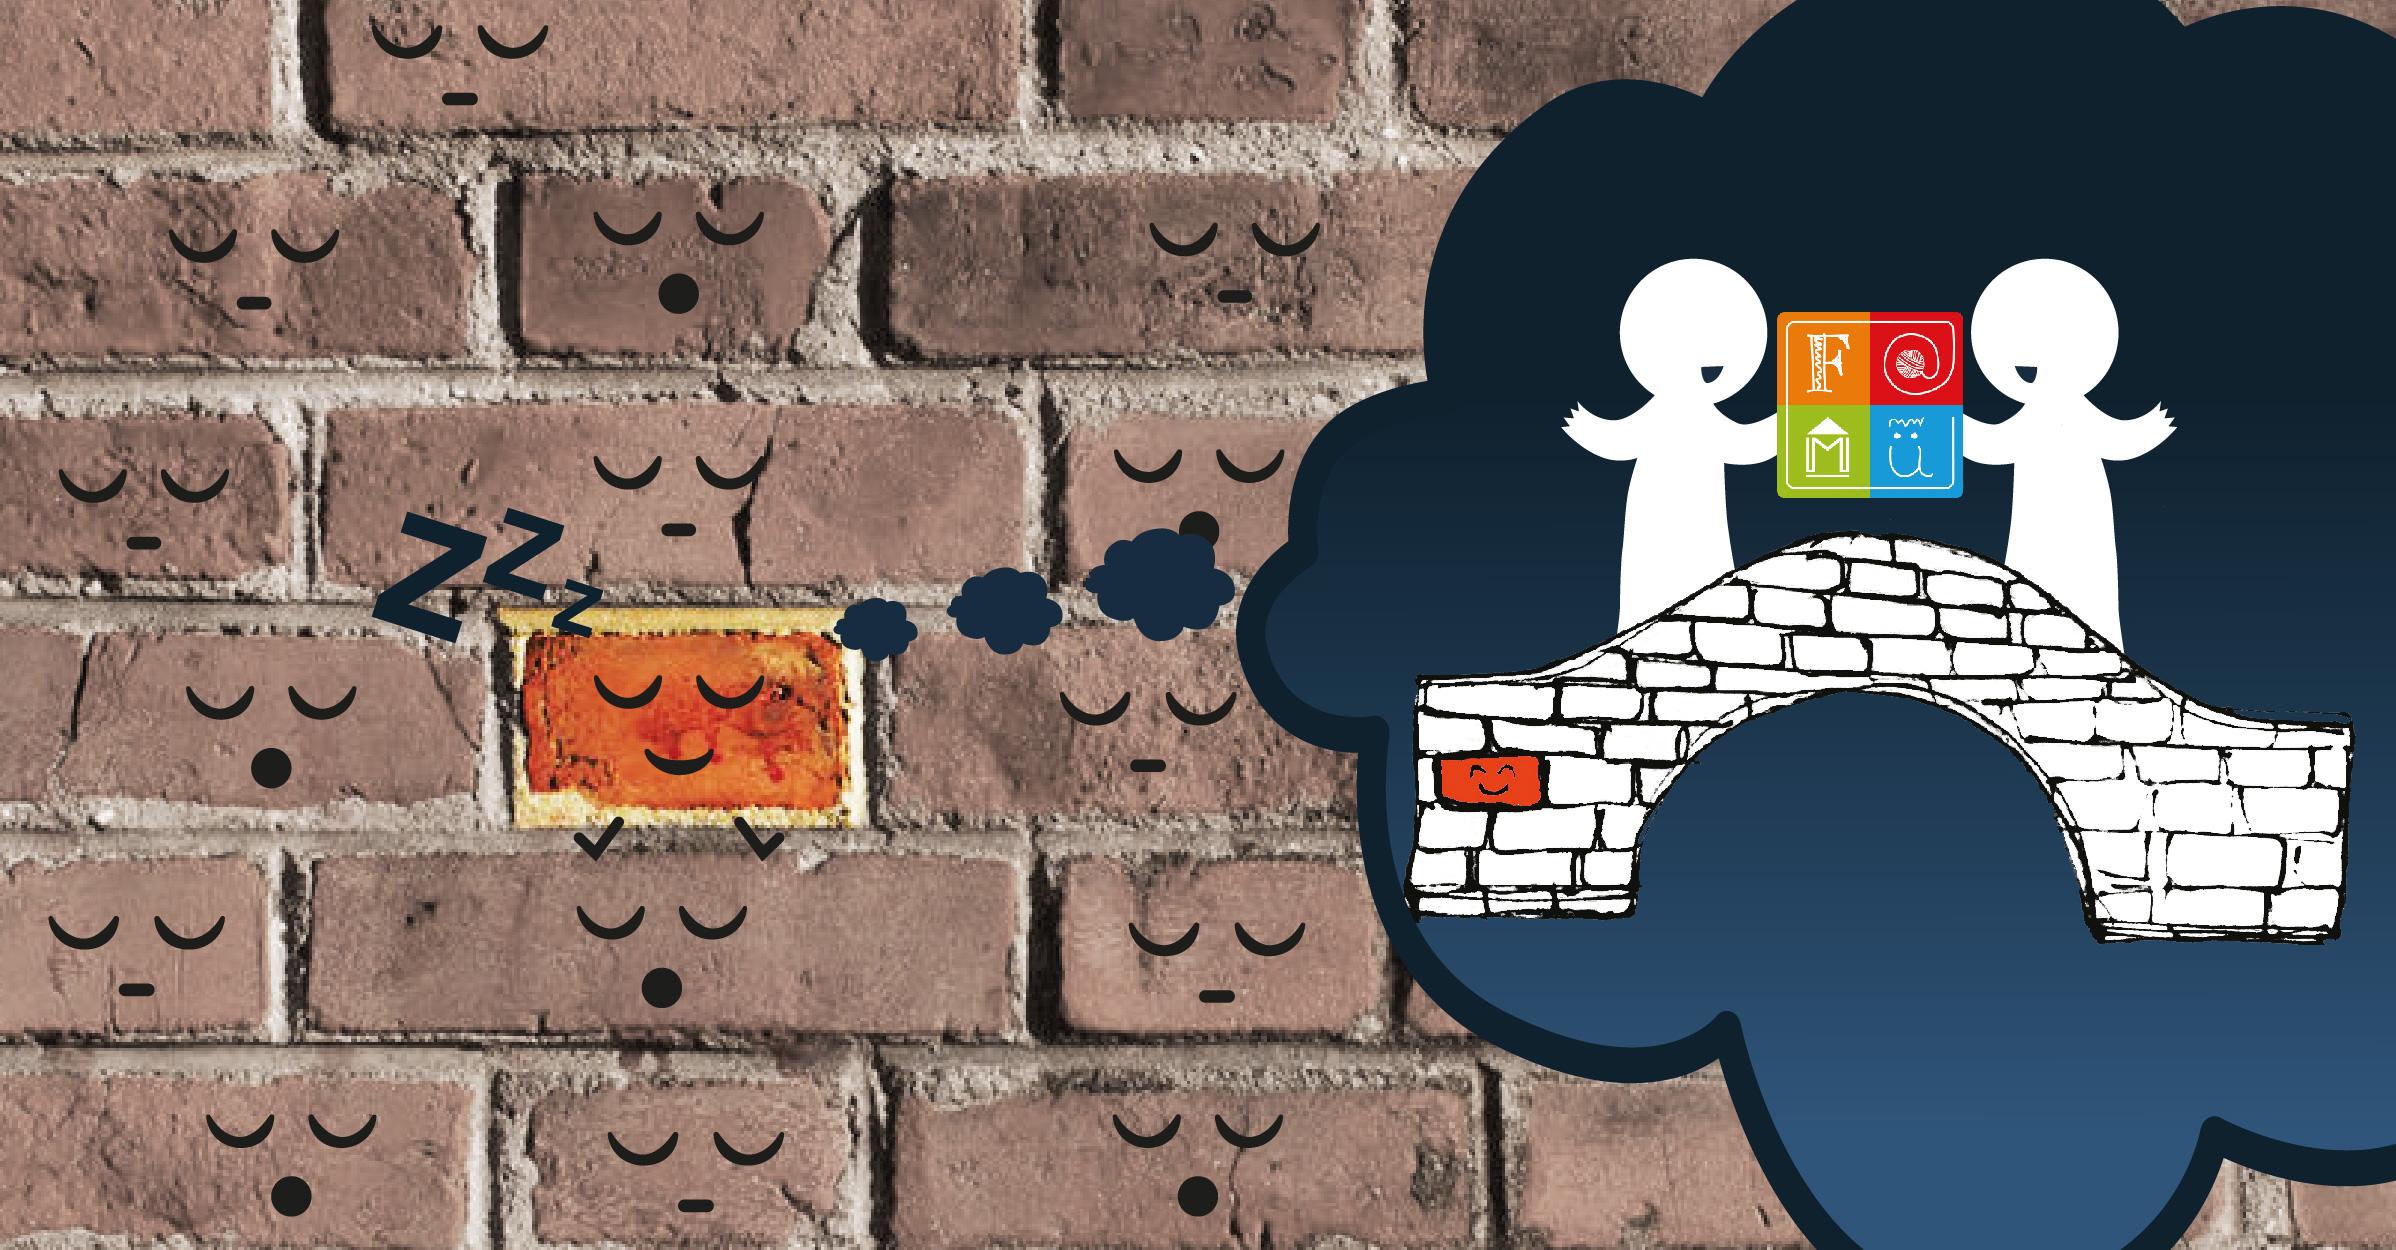 Come Abbattere Un Muro abbattere muri per costruire ponti - villa clerici | villa